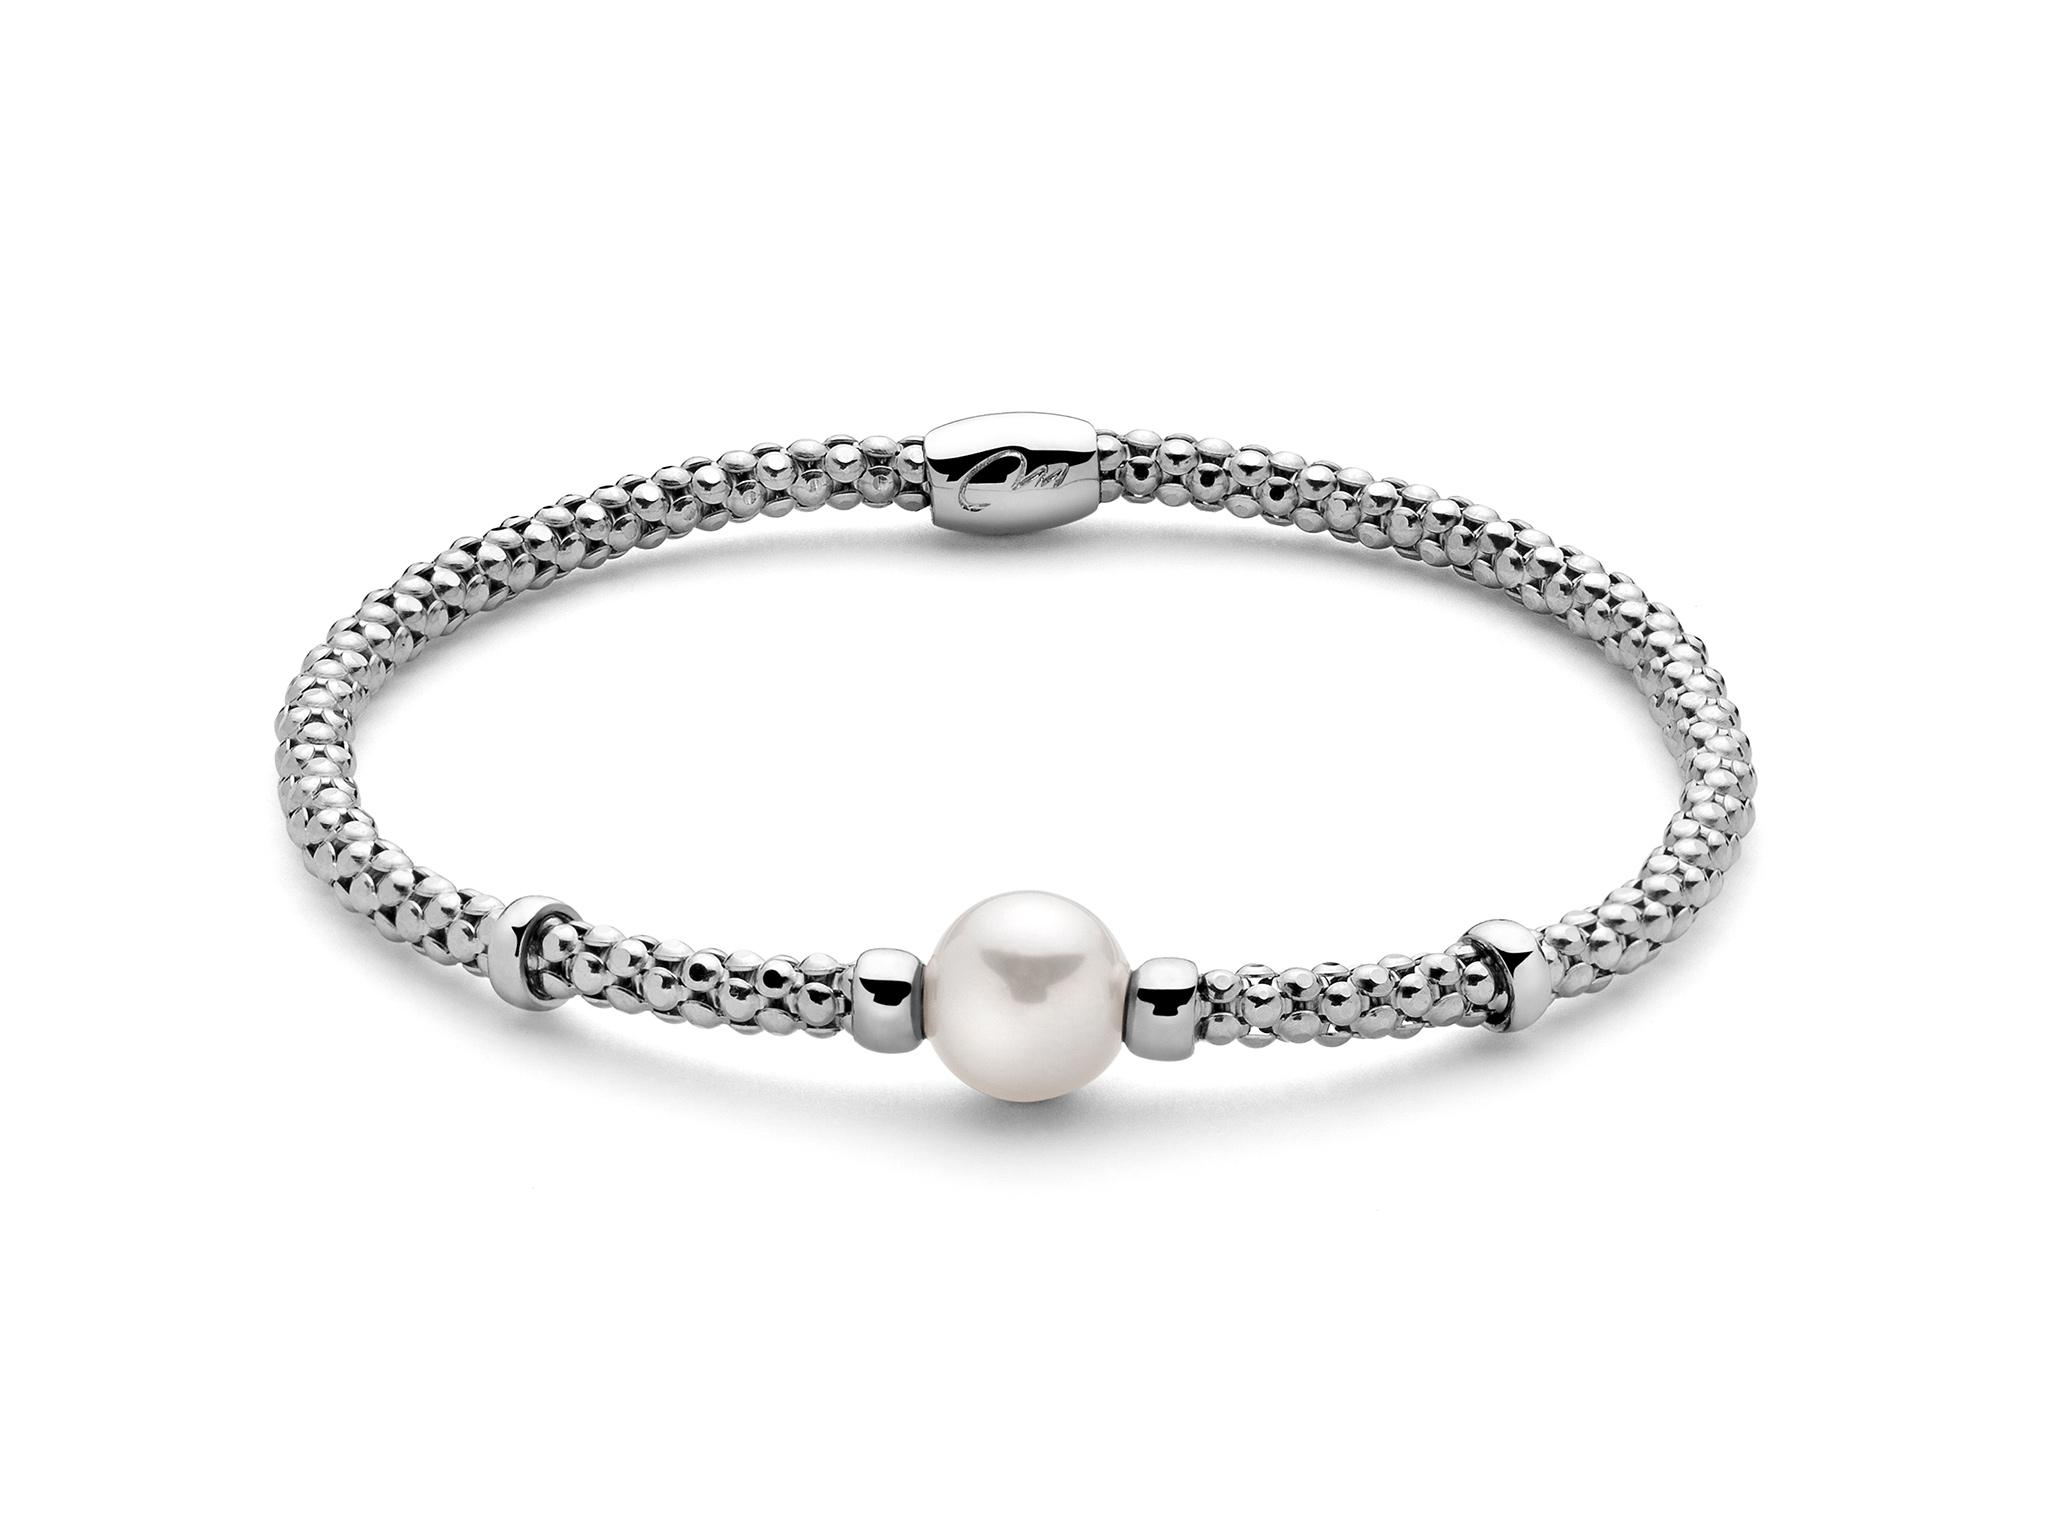 Bracciale in argento, elastico, con perla. - PBR2992-M